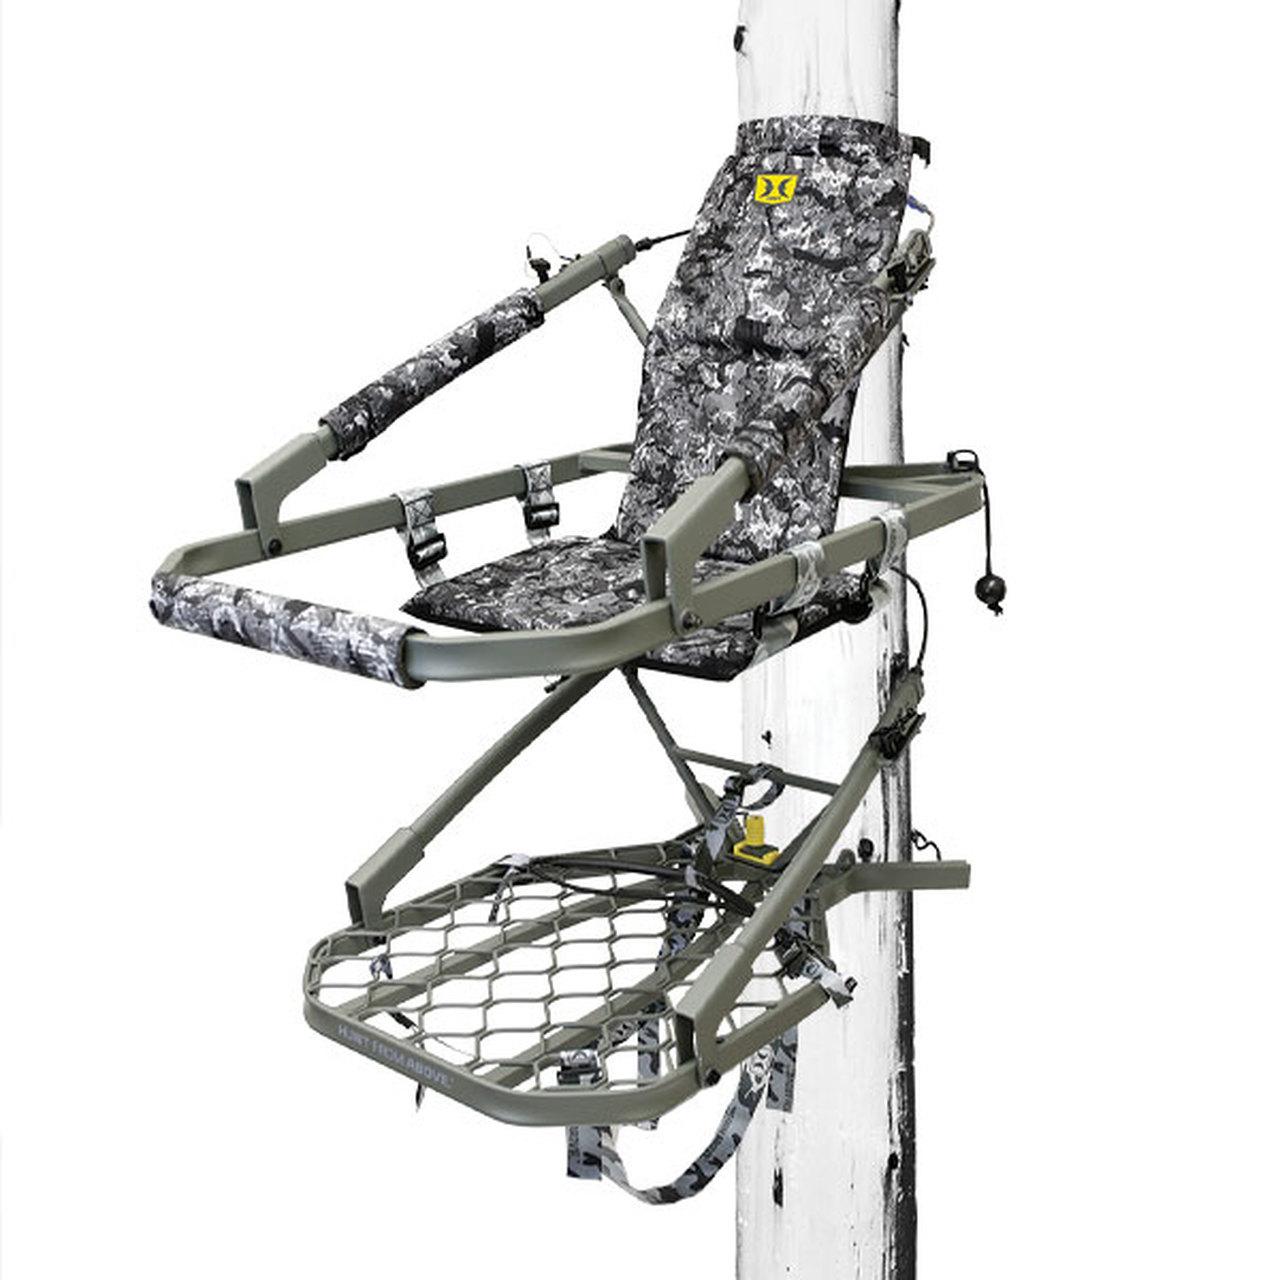 HAWK WARBIRD CLIMBER DEER STAND